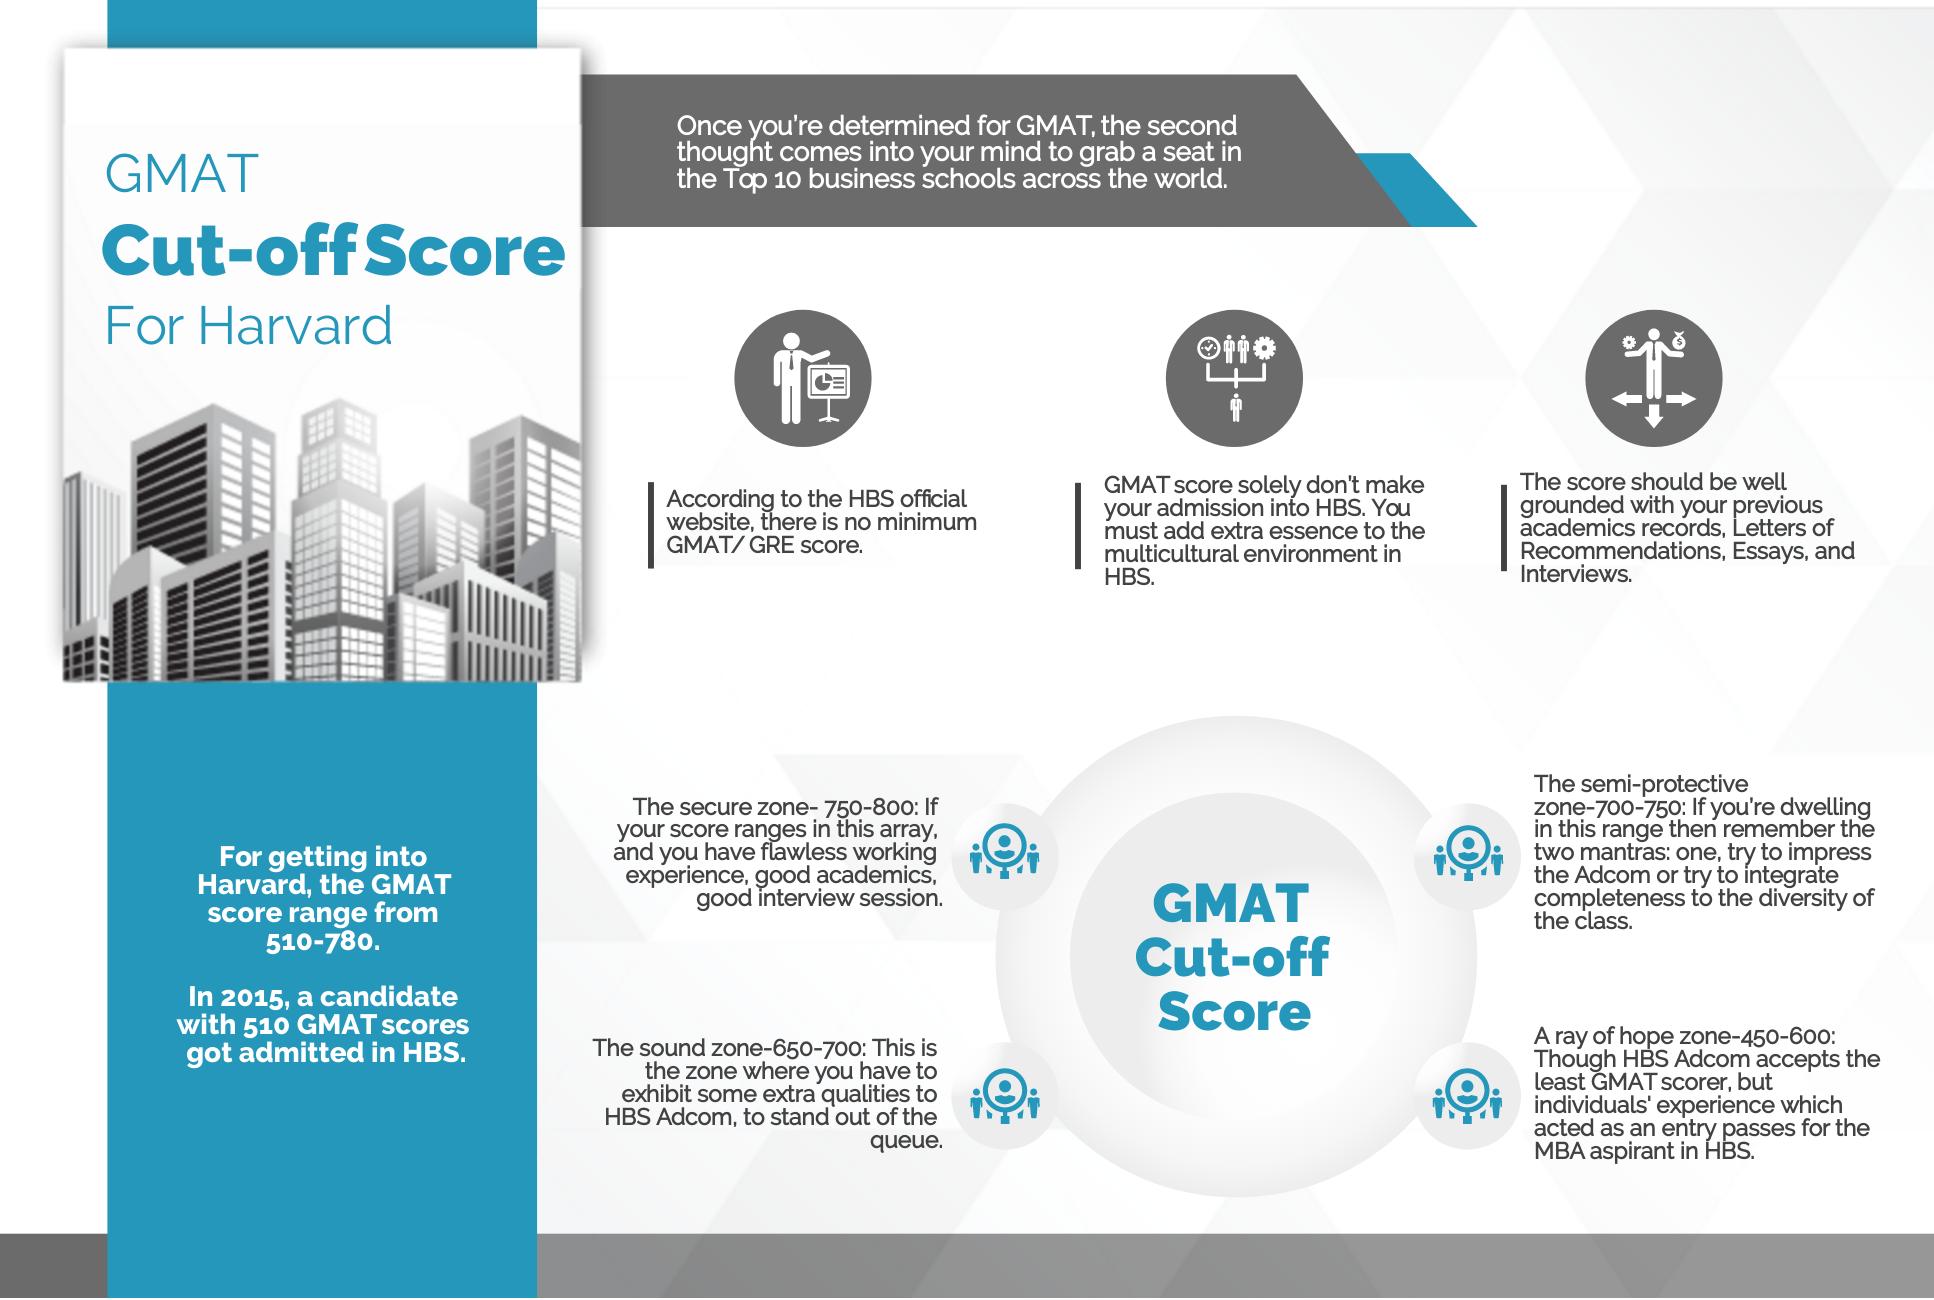 GMAT Cut-Off Score for Harvard